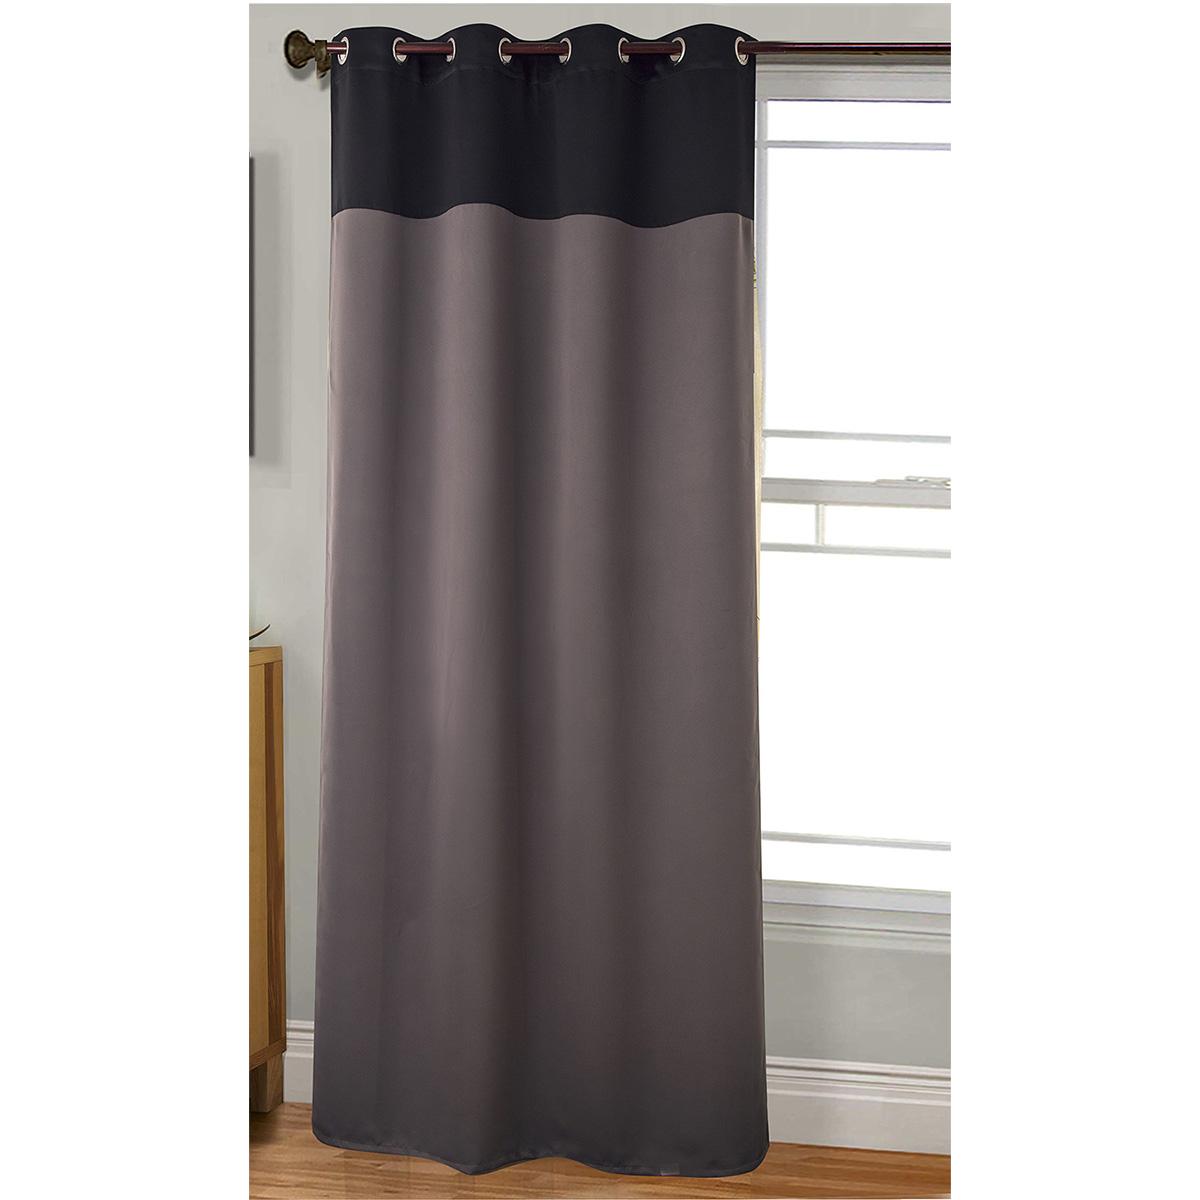 Rideau bicolore et occultant - Noir / Gris - 140 x 260 cm